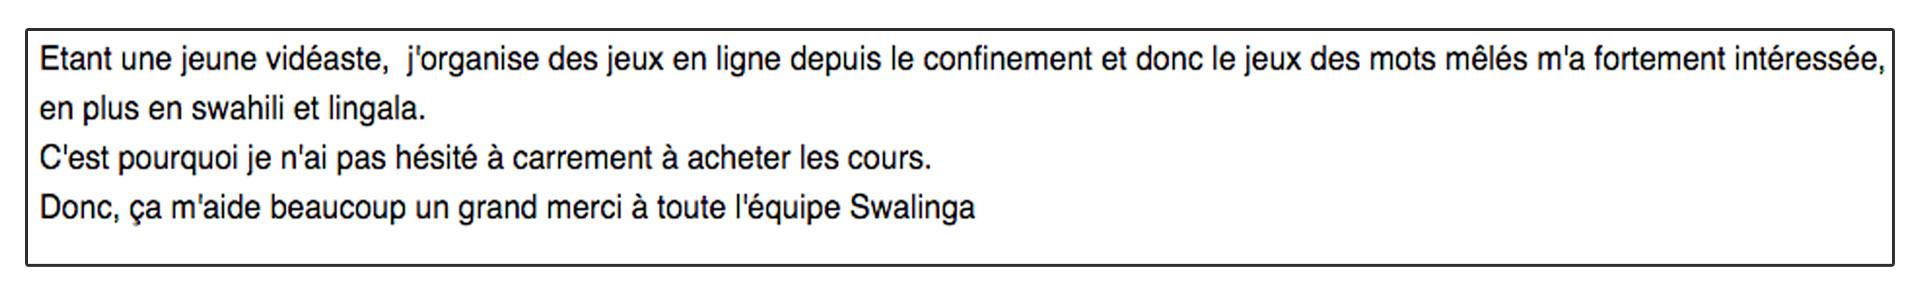 Swalinga-témoignage-Vanessa-N